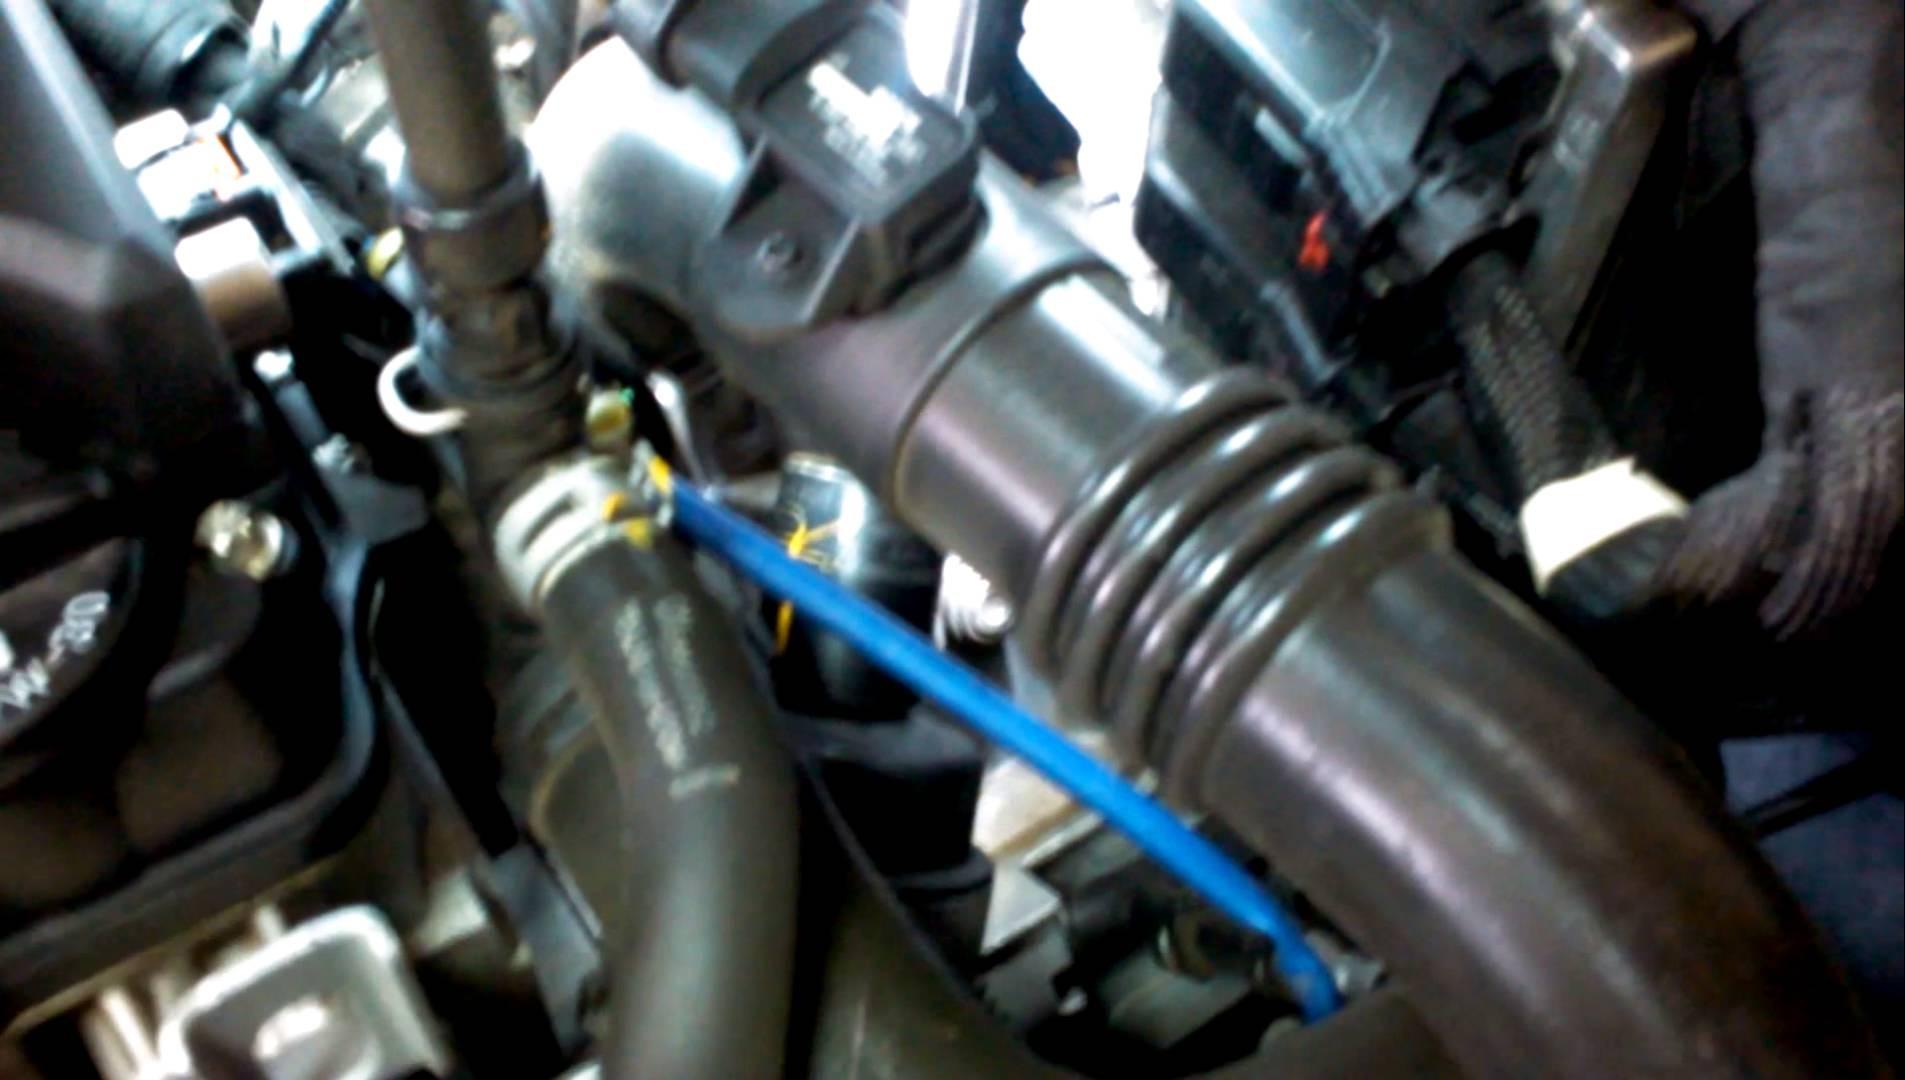 2012 Chevy Cruze Engine Diagram 2012 Chevy Cruze 1 4 Turbo Oil Filter Of 2012 Chevy Cruze Engine Diagram